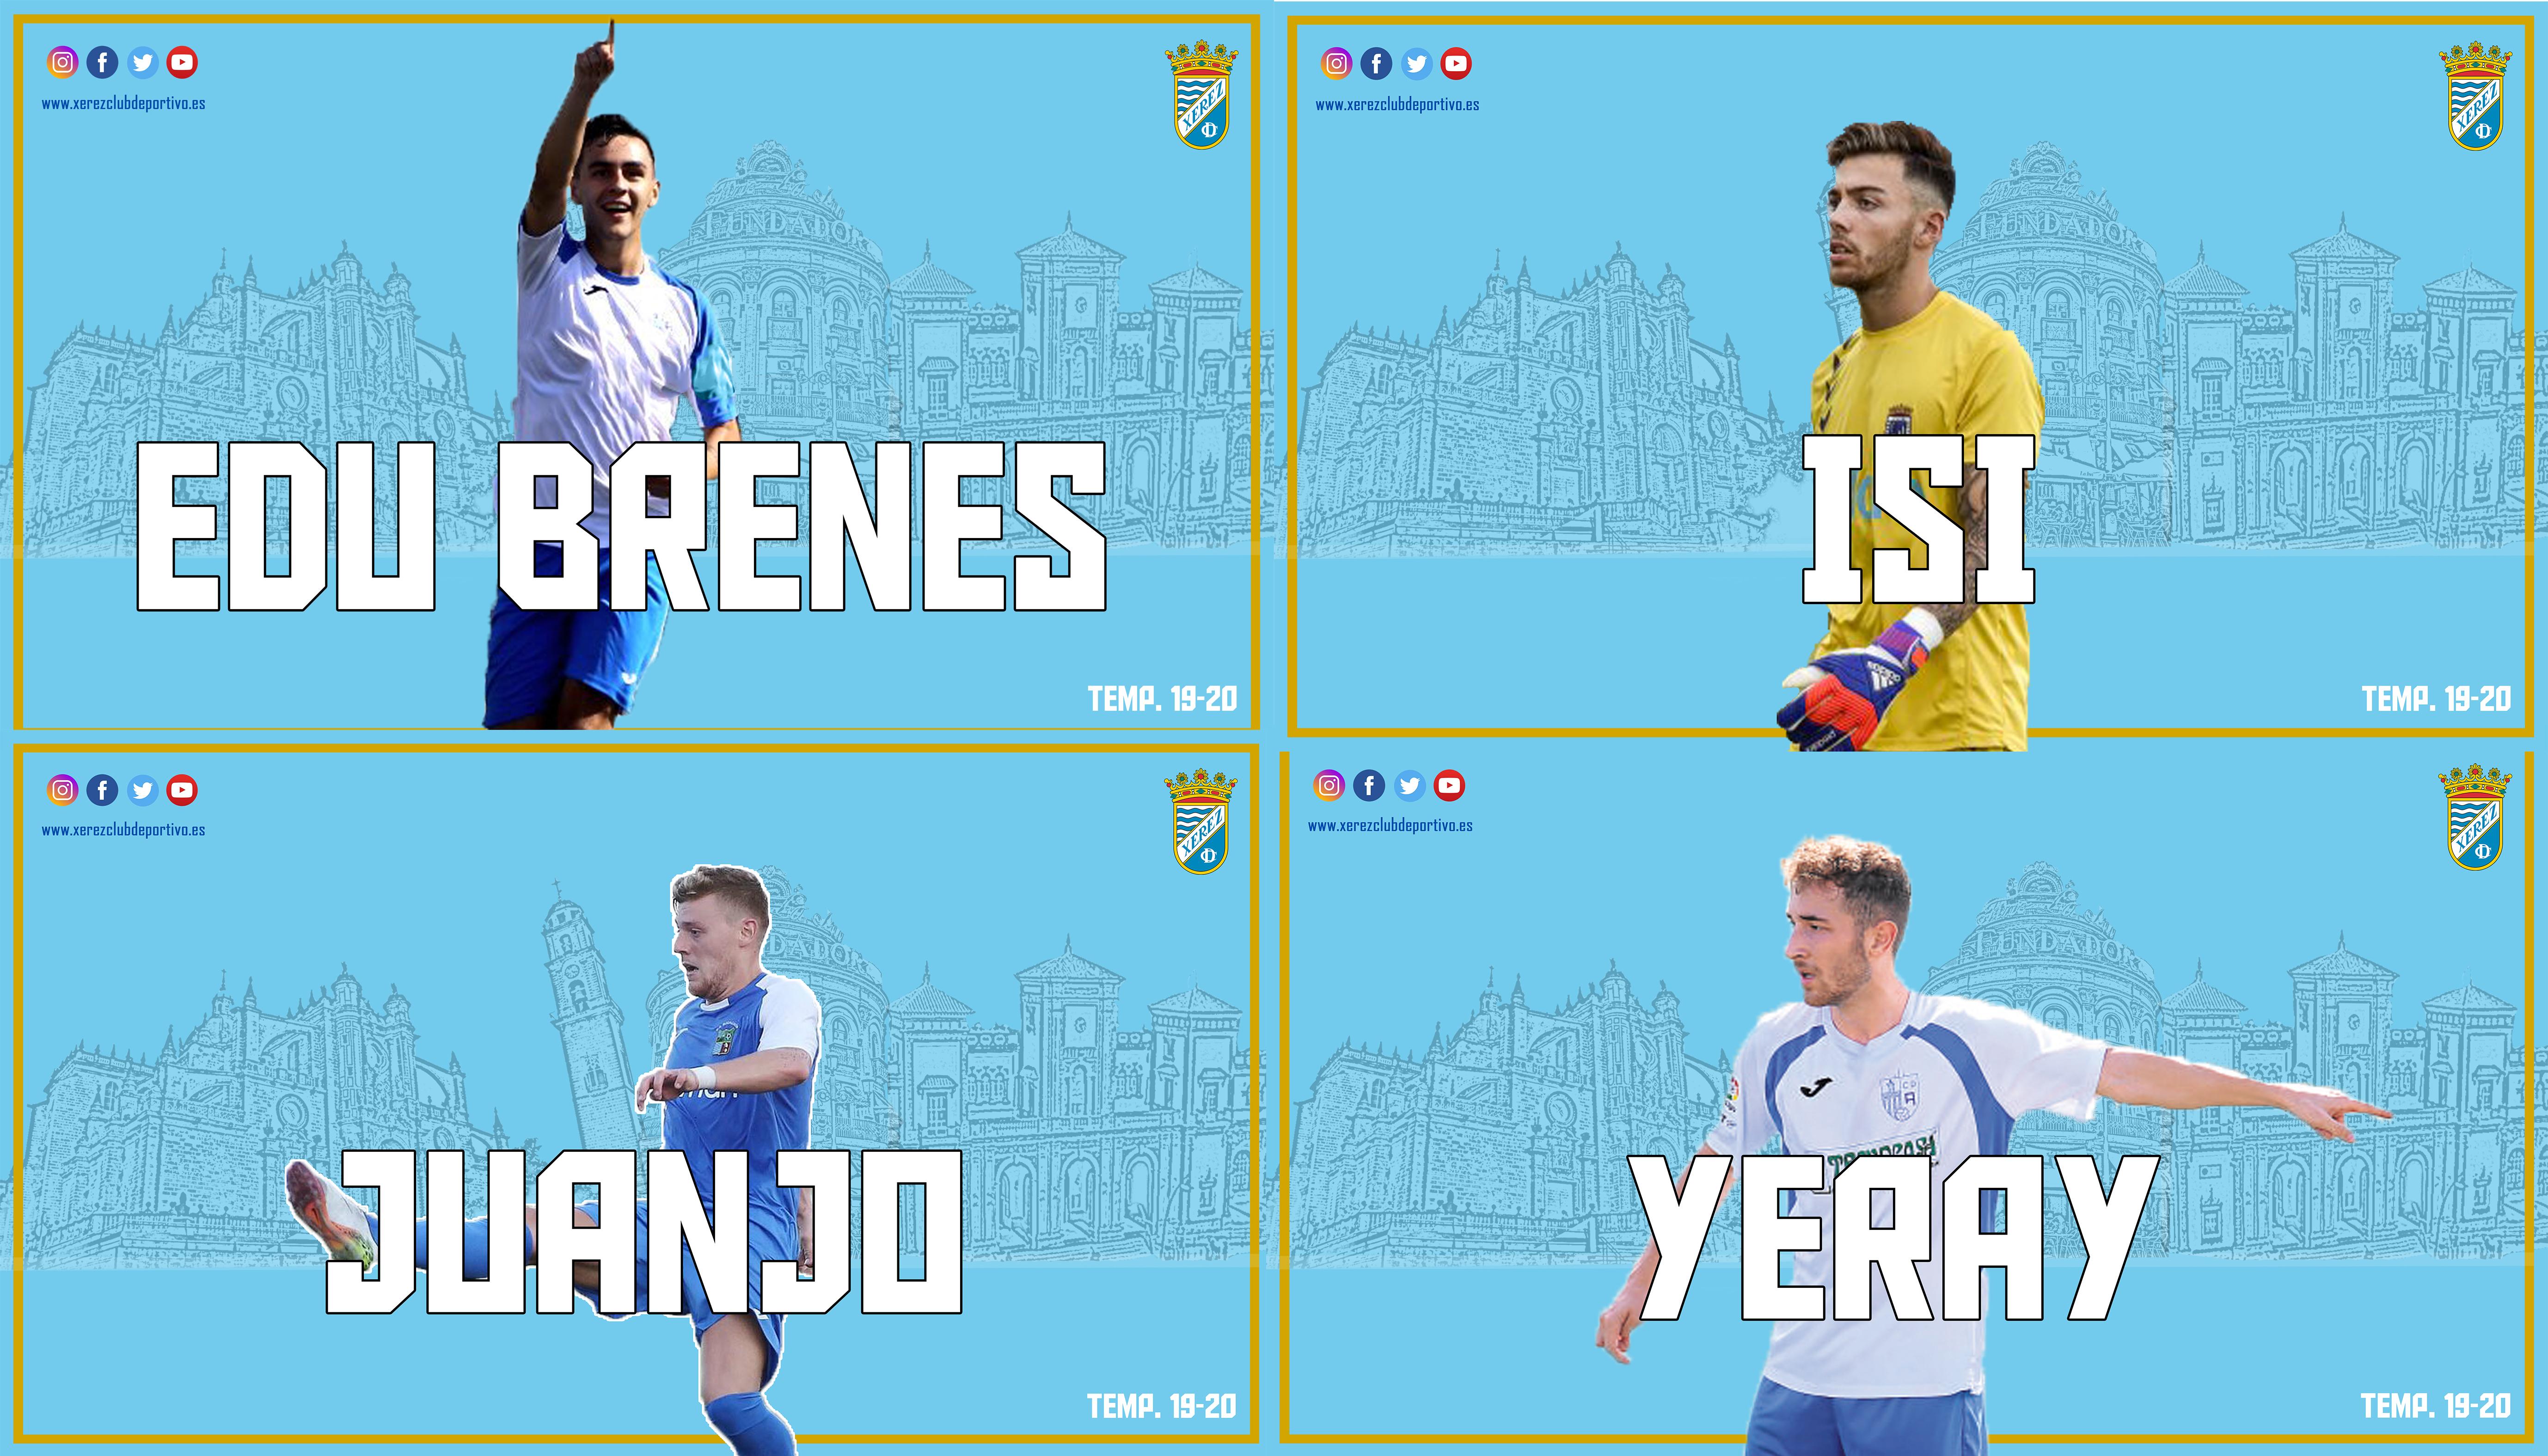 http://www.xerezclubdeportivo.es/wp-content/uploads/2019/07/todos.jpg